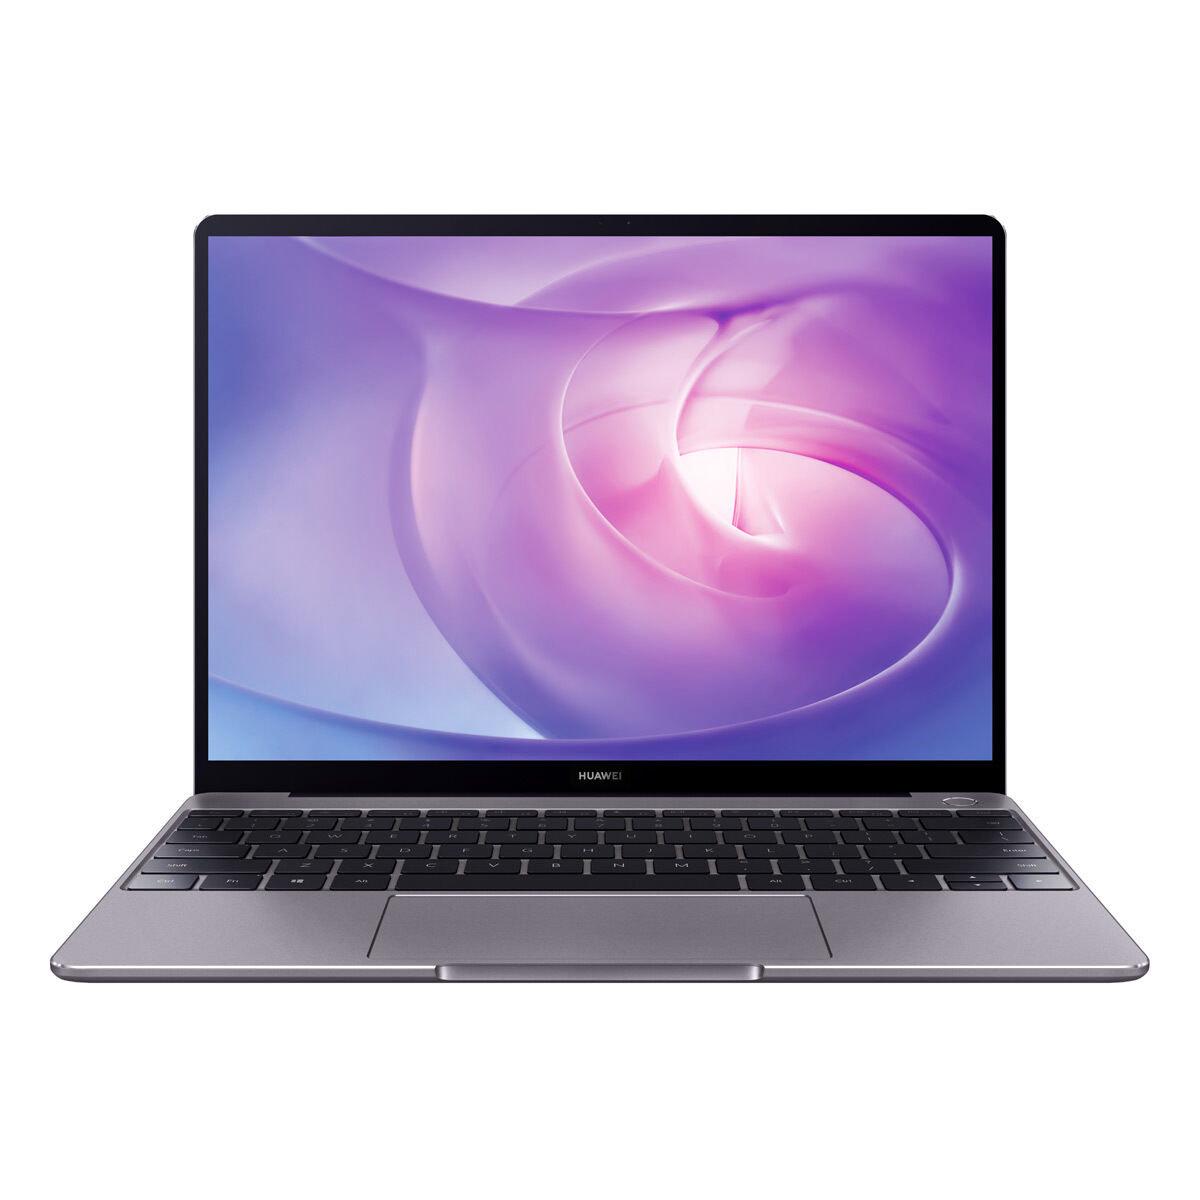 HUAWEI MateBook 13 2020 - 13 Zoll Laptop 2K